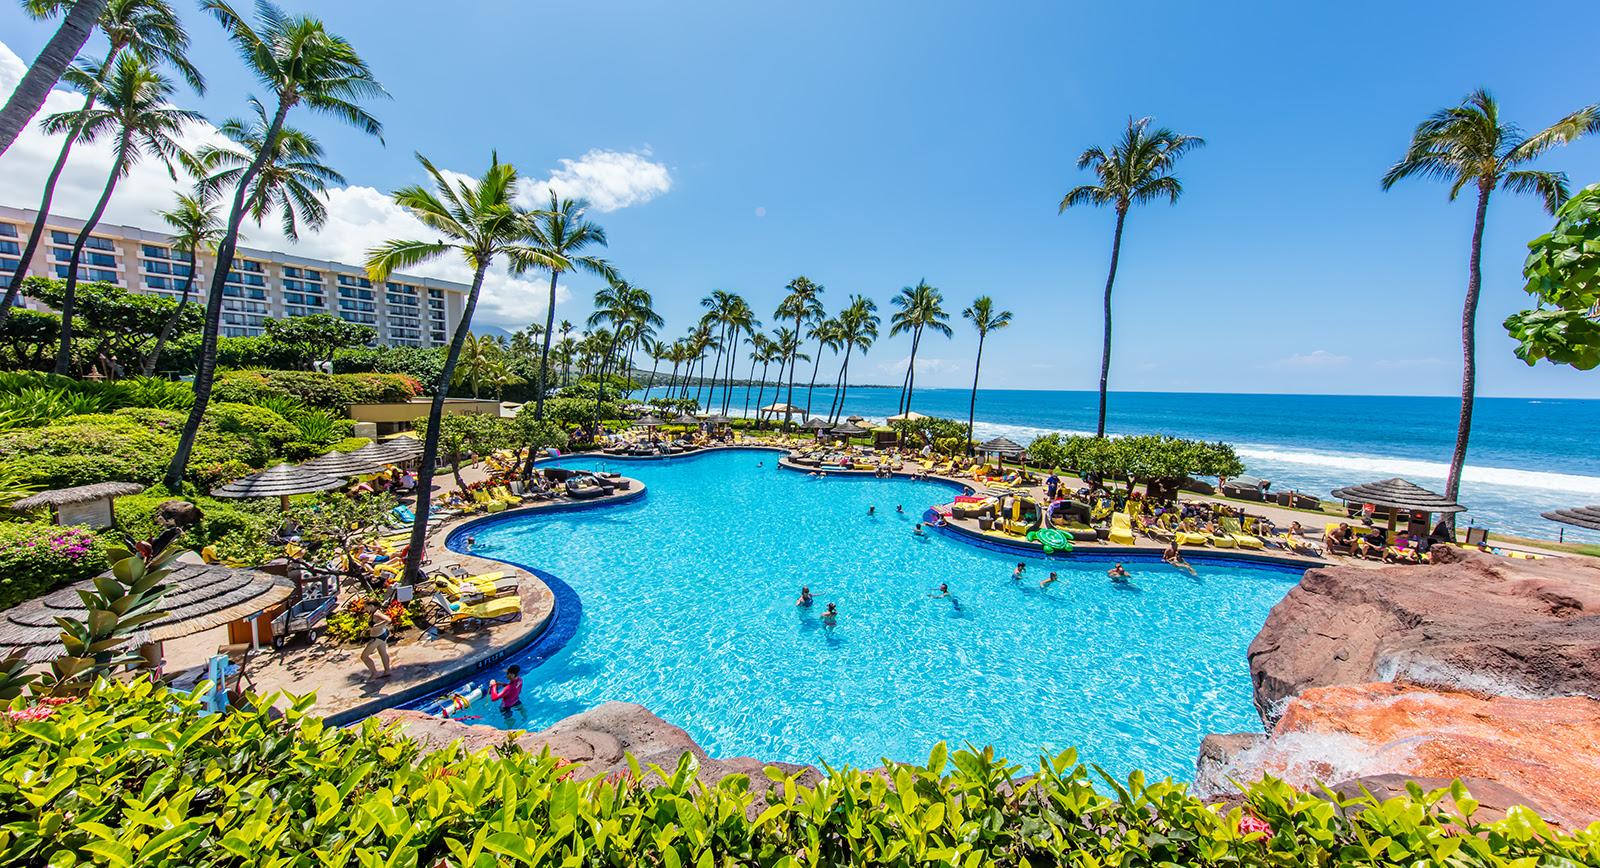 HotelResort Review Hyatt Regency Maui Resort  Spa